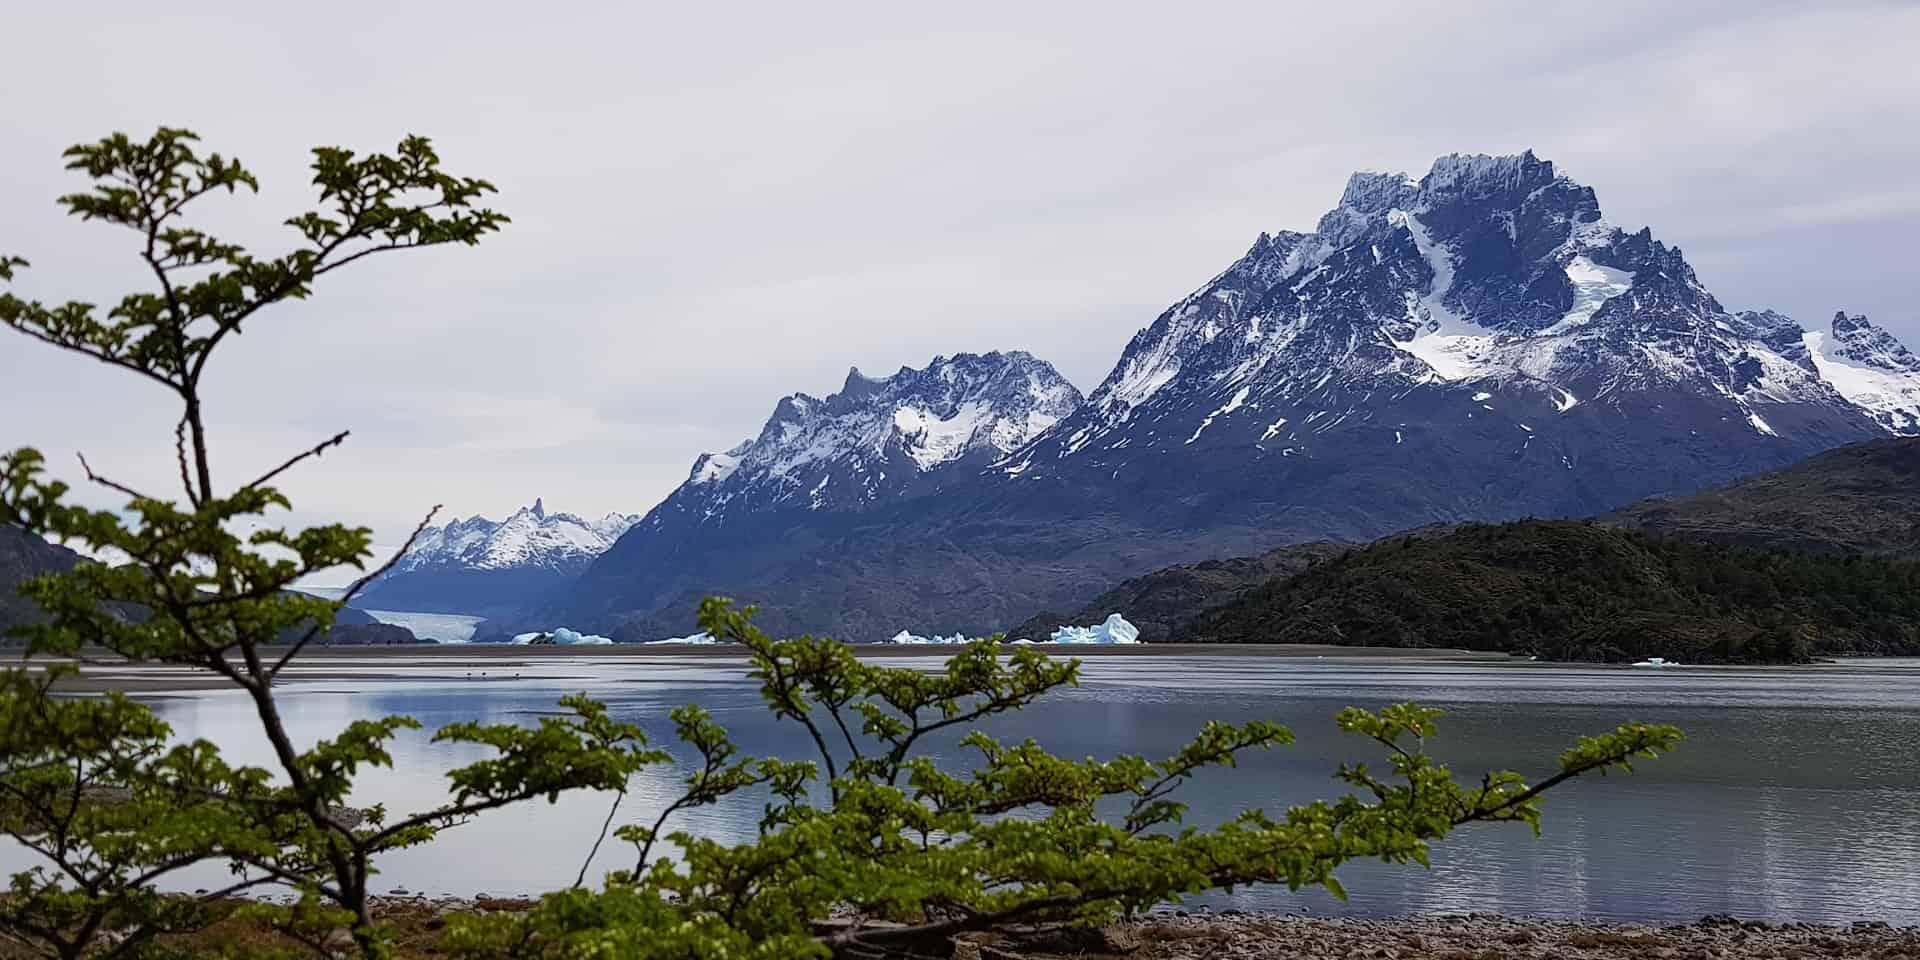 Чили. Патагония. Cерое озеро - lago grey